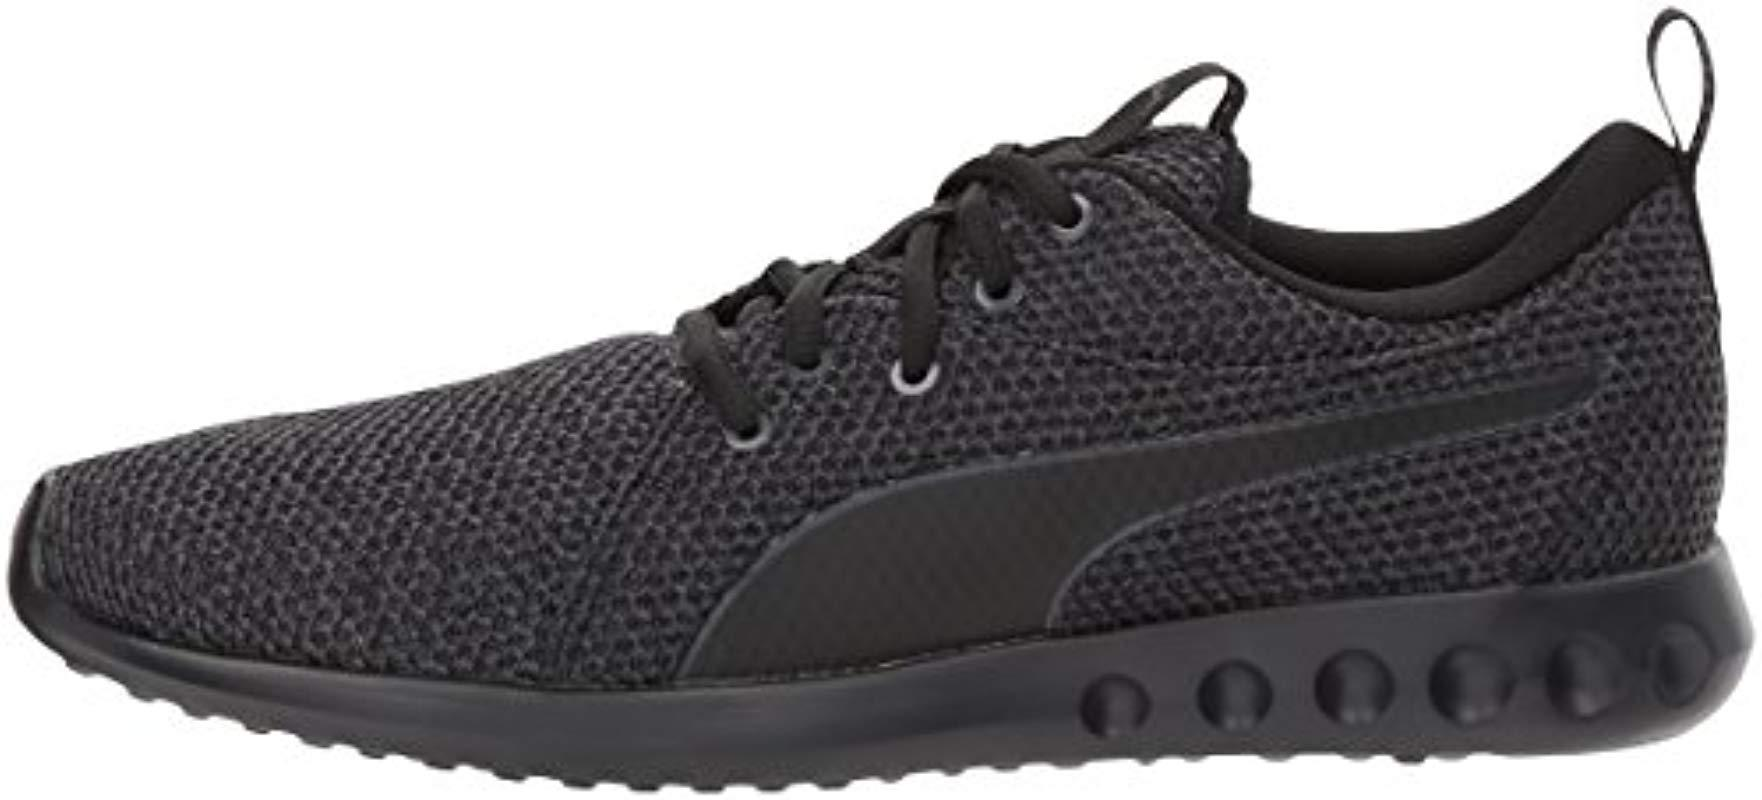 PUMA Carson 2 Nature Knit Sneaker